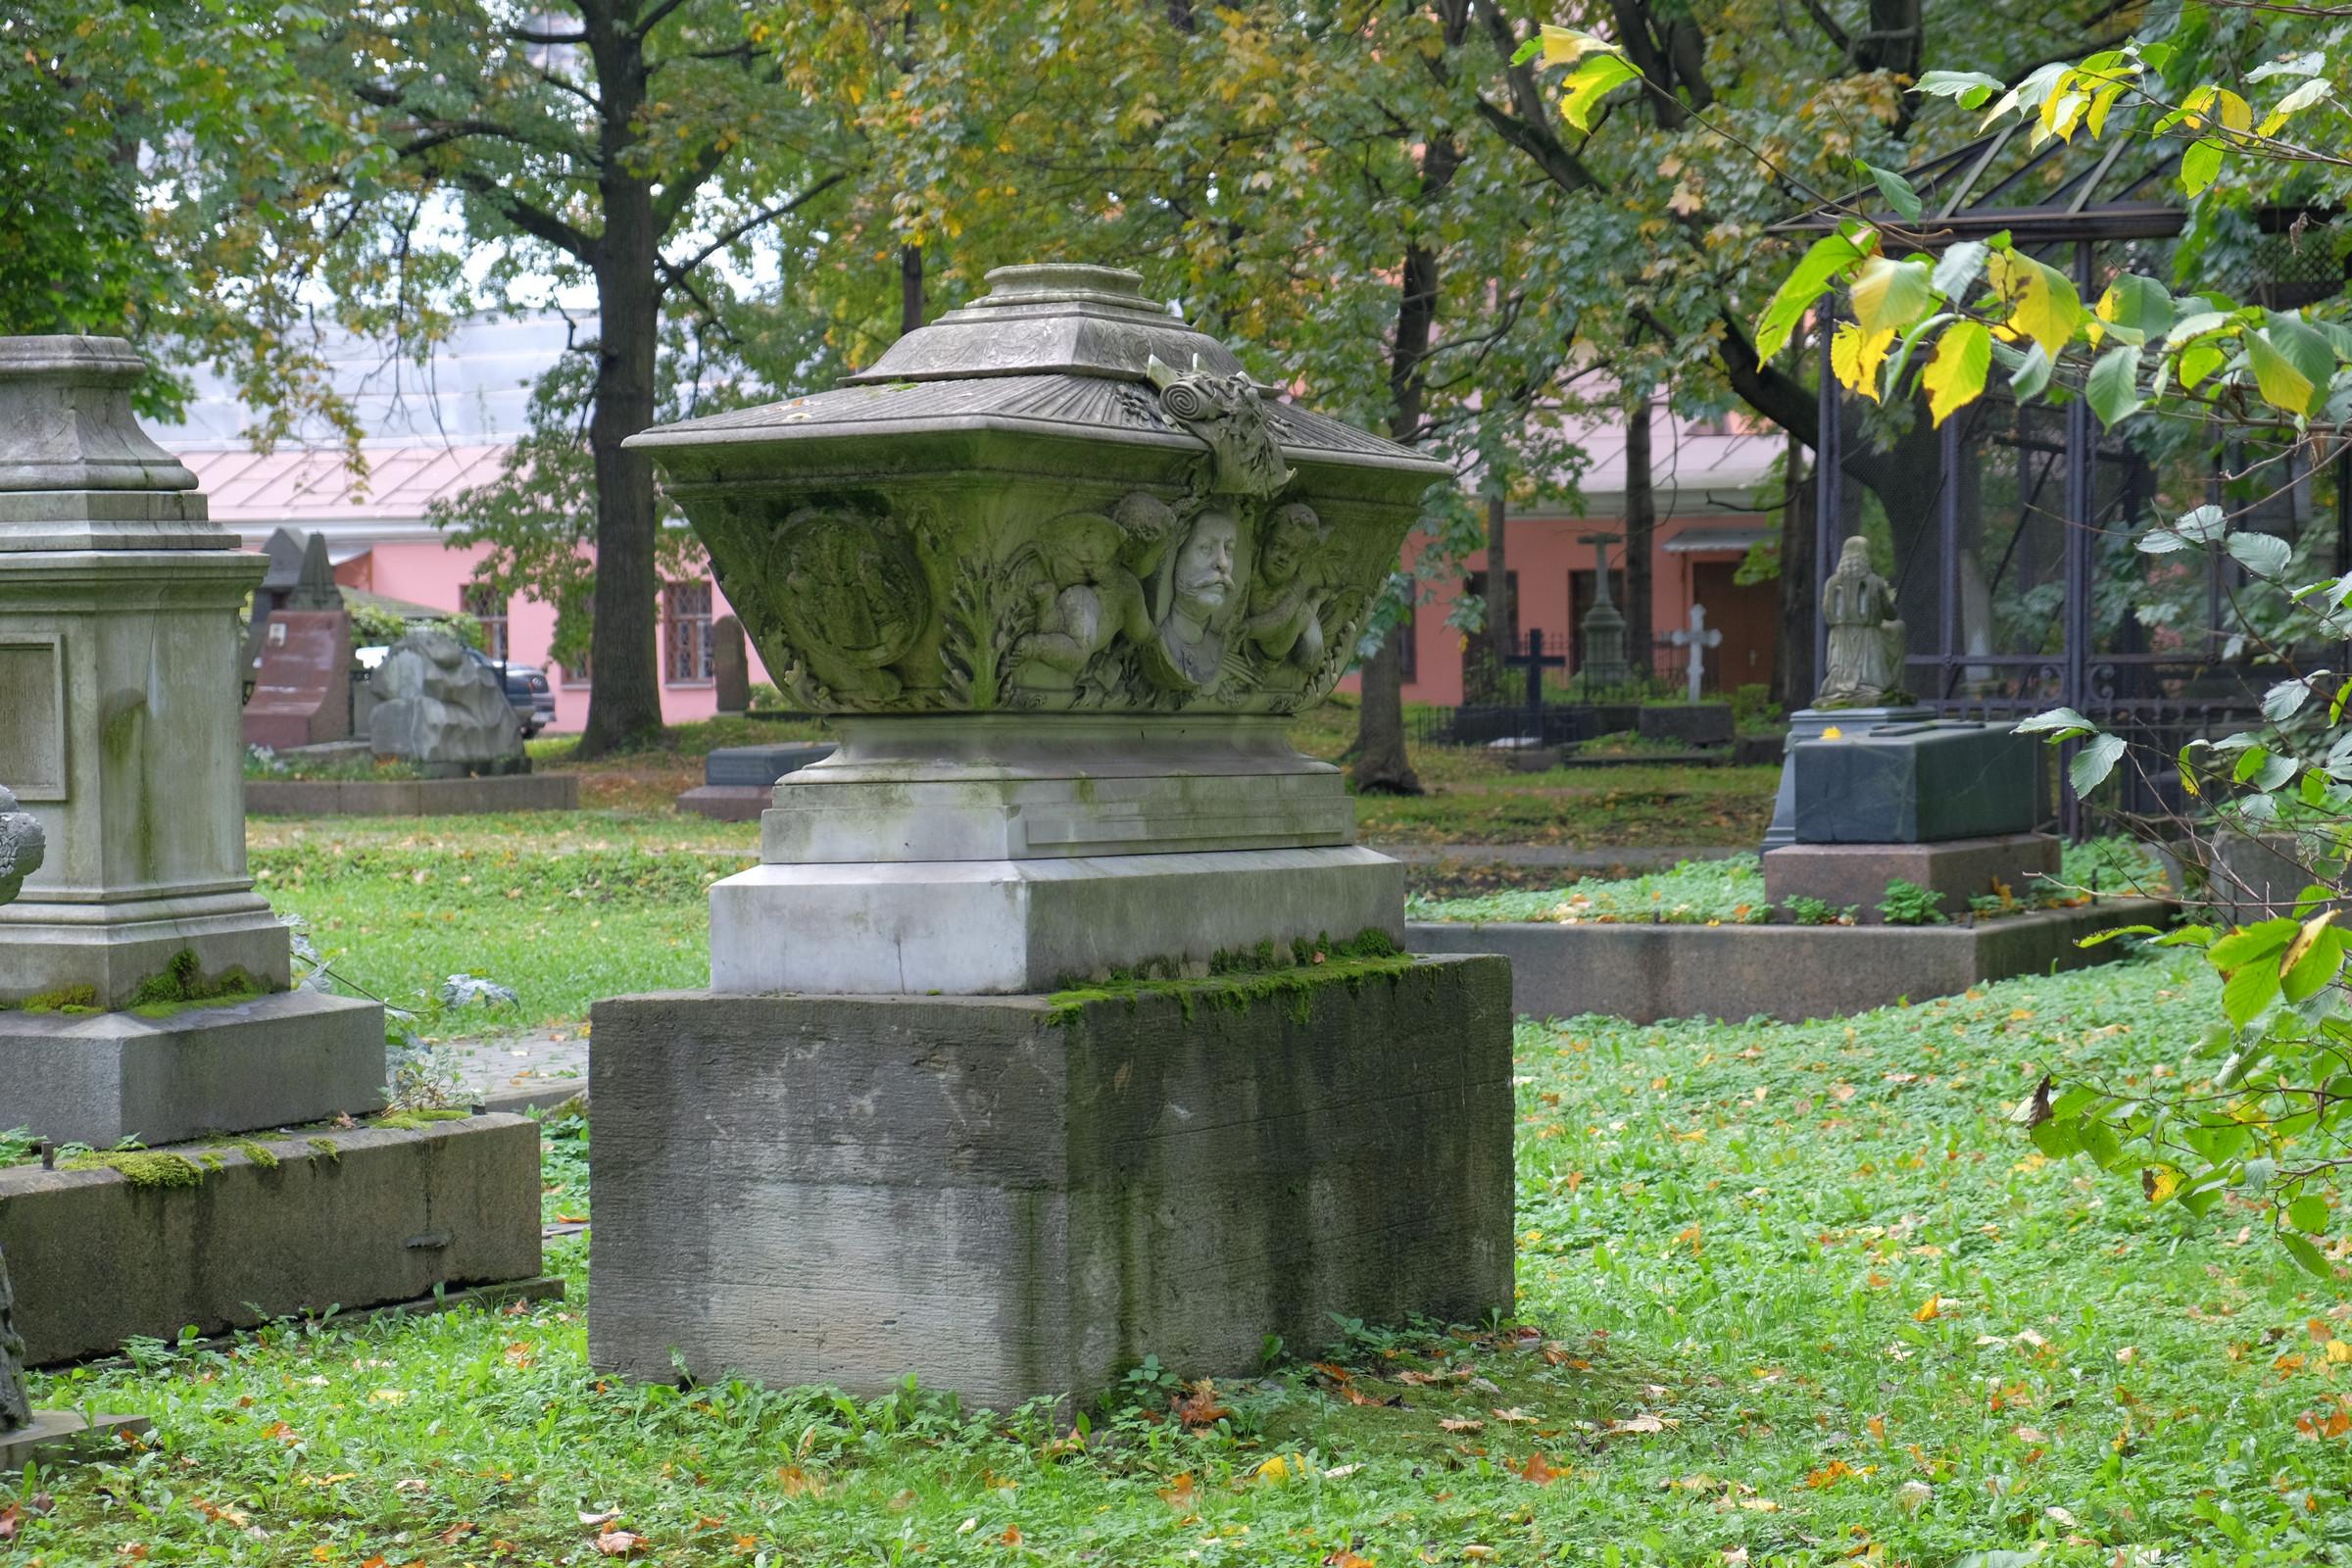 Надгробия санкт петербурга и его окрестностей ритуальные памятники из природного камня фото